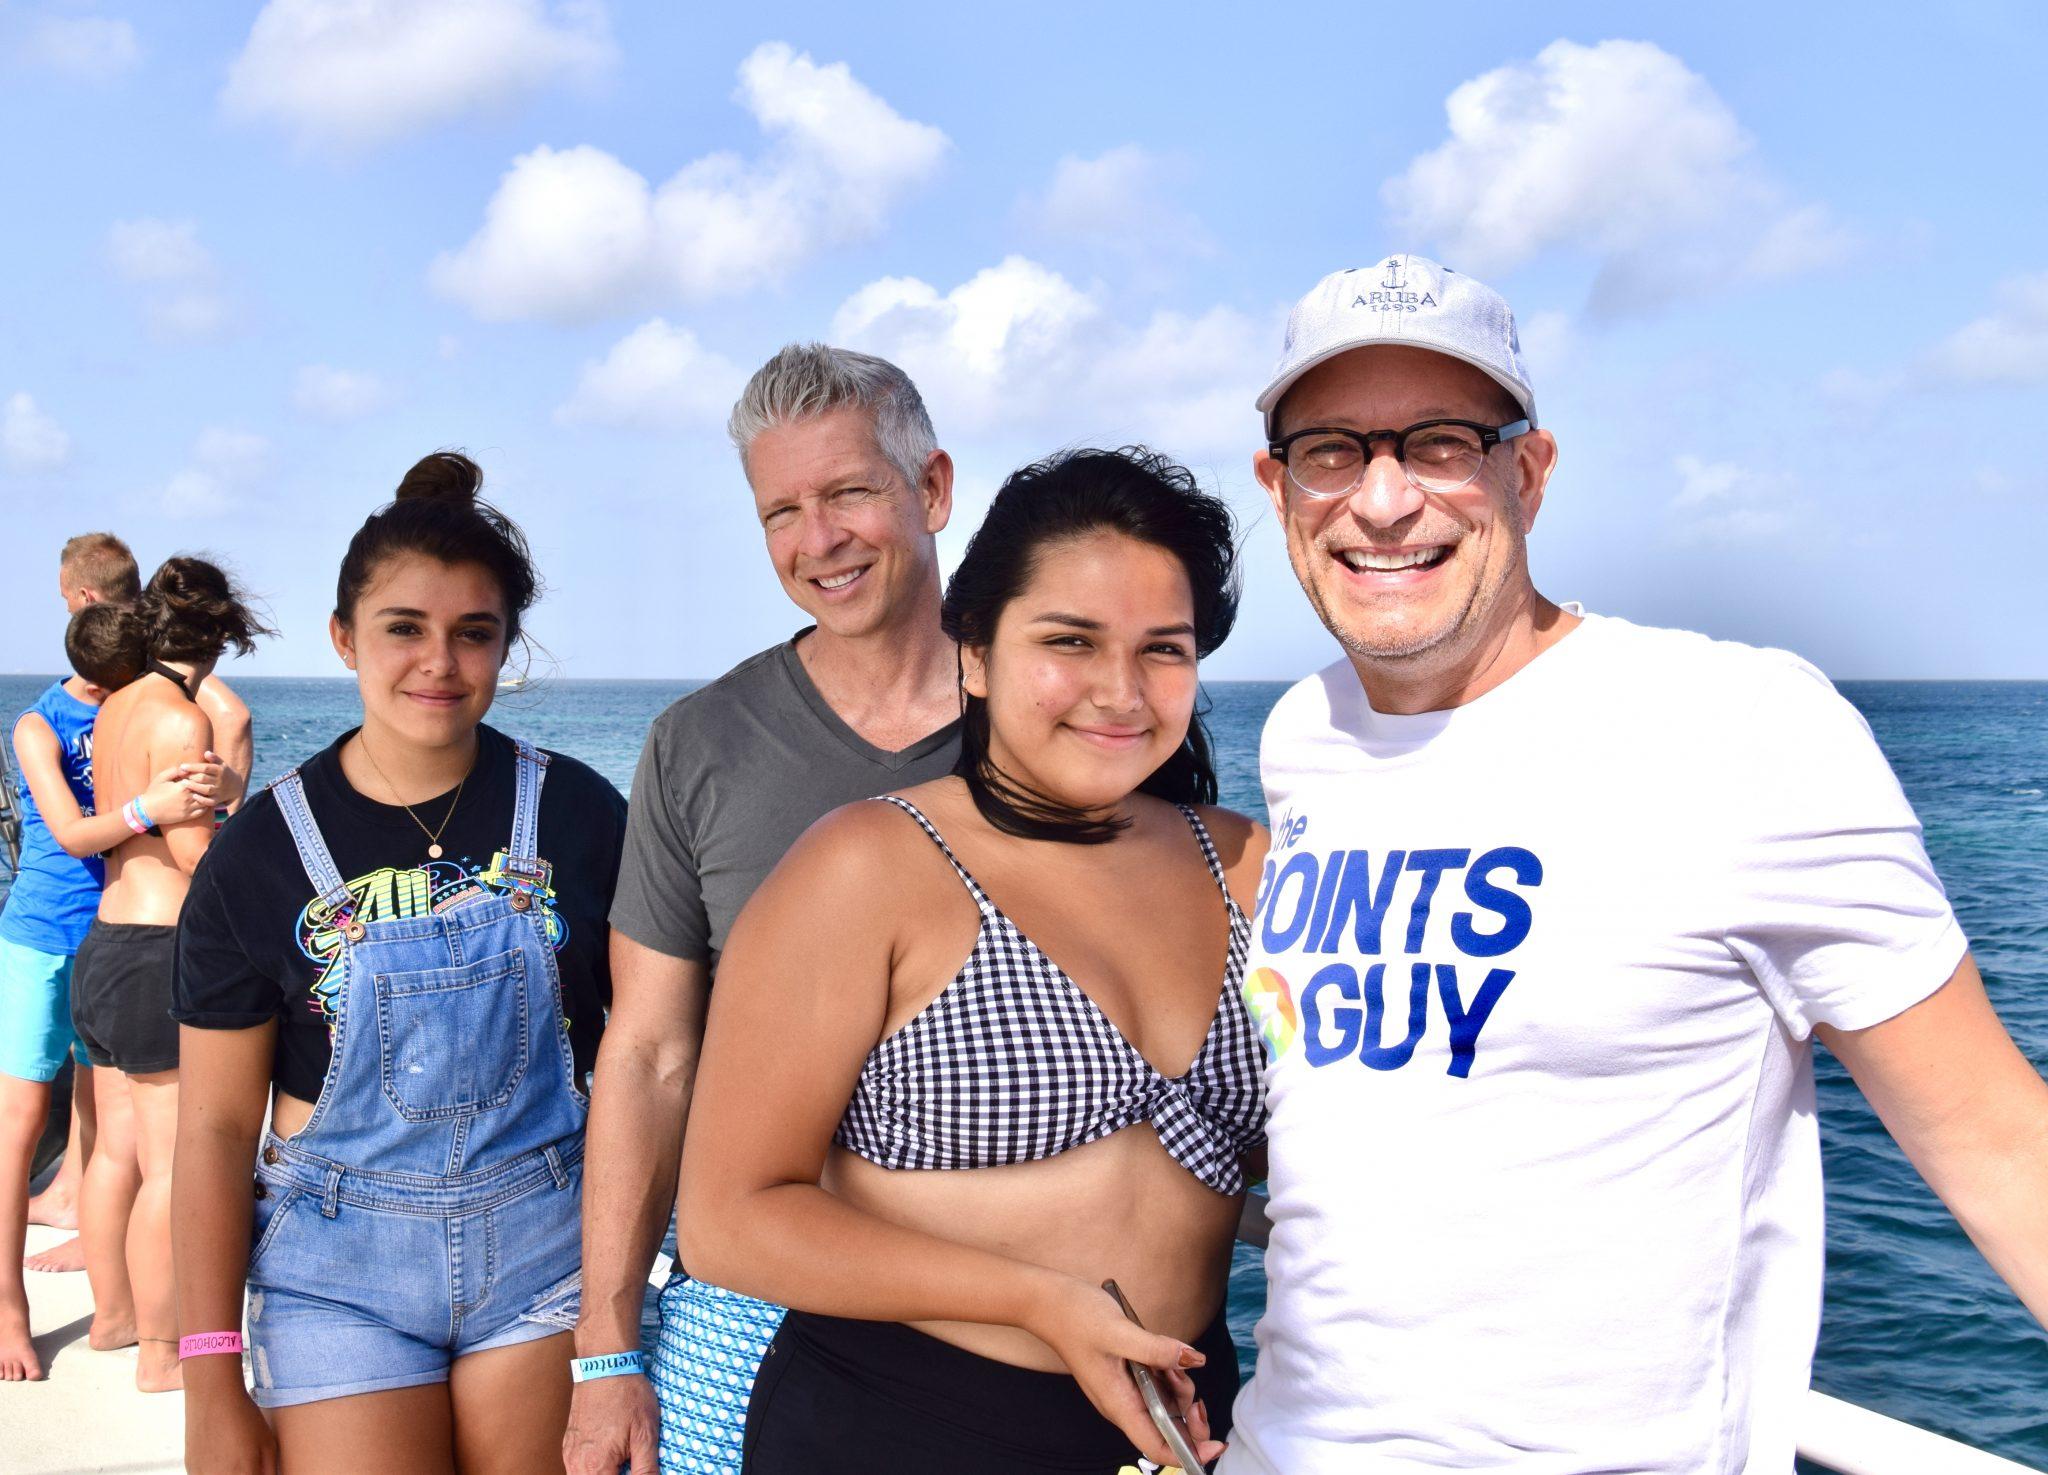 sailing in Aruba